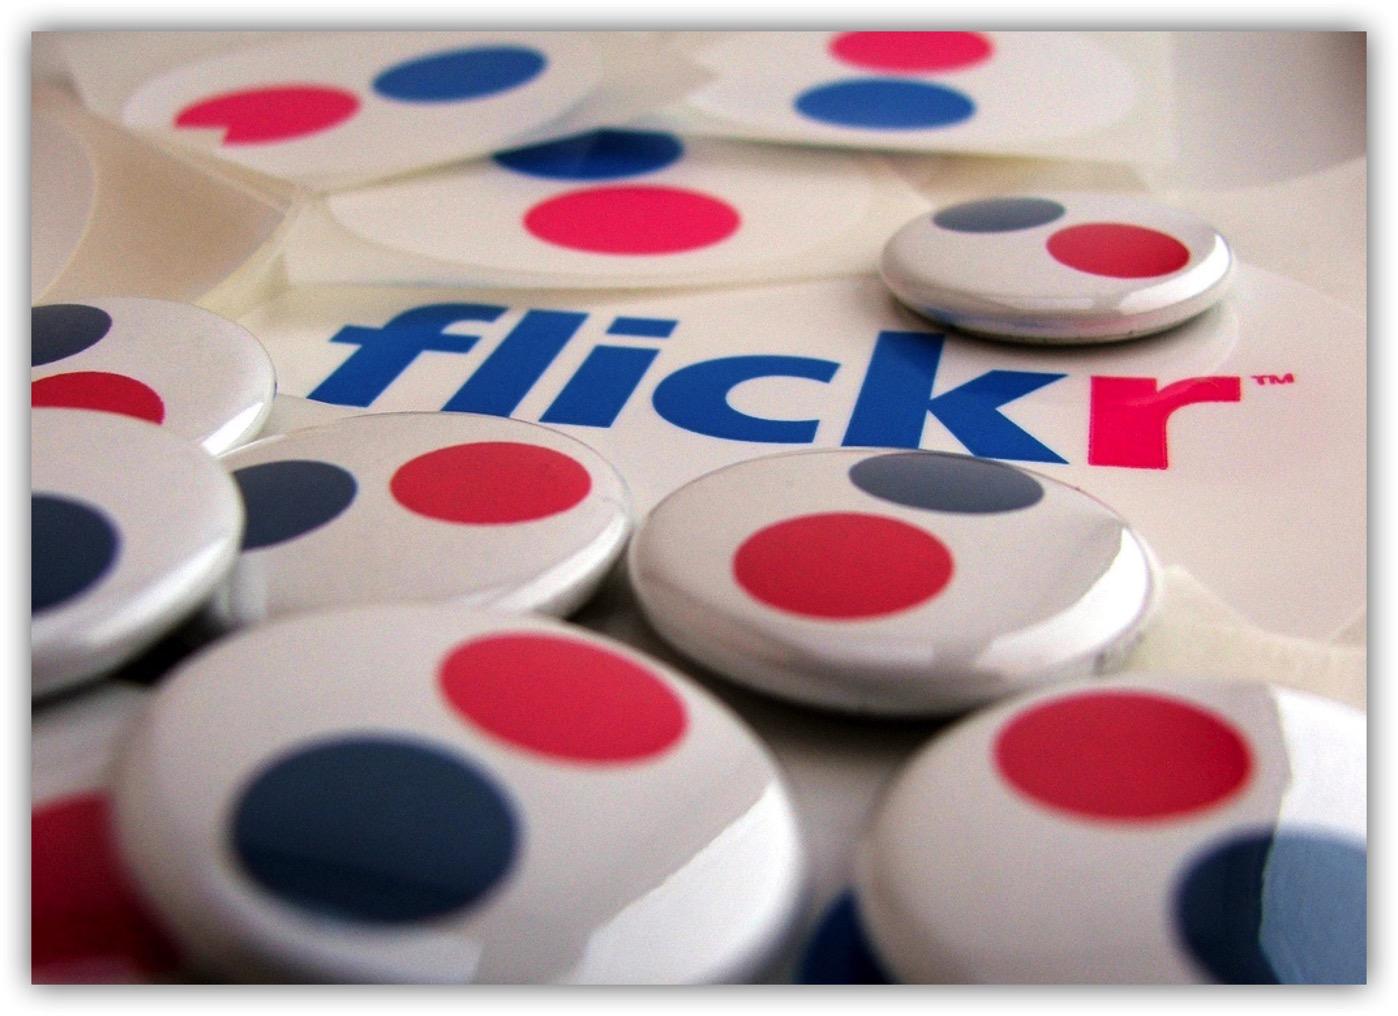 [Flickr]Flickrの登録メールアドレスがわからなくなったときに試す一つの方法